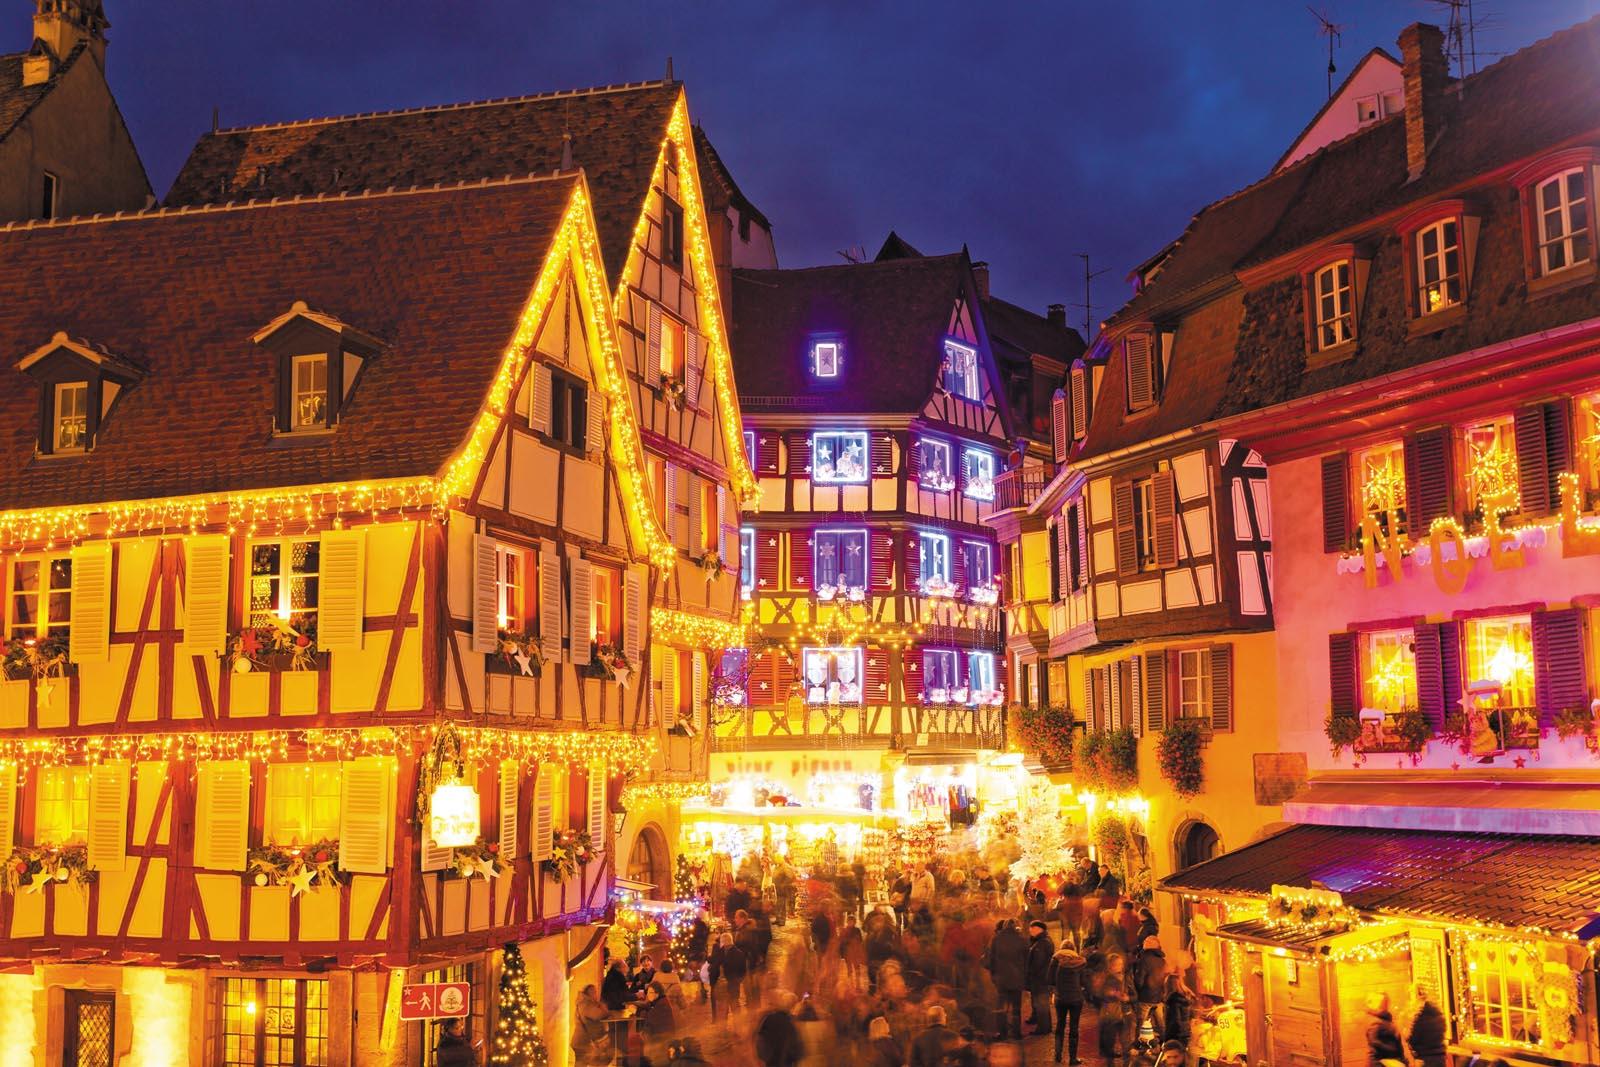 Image De Noel En Alsace.Voyage Venet Marches De Noel En Alsace Du 13 Au 15